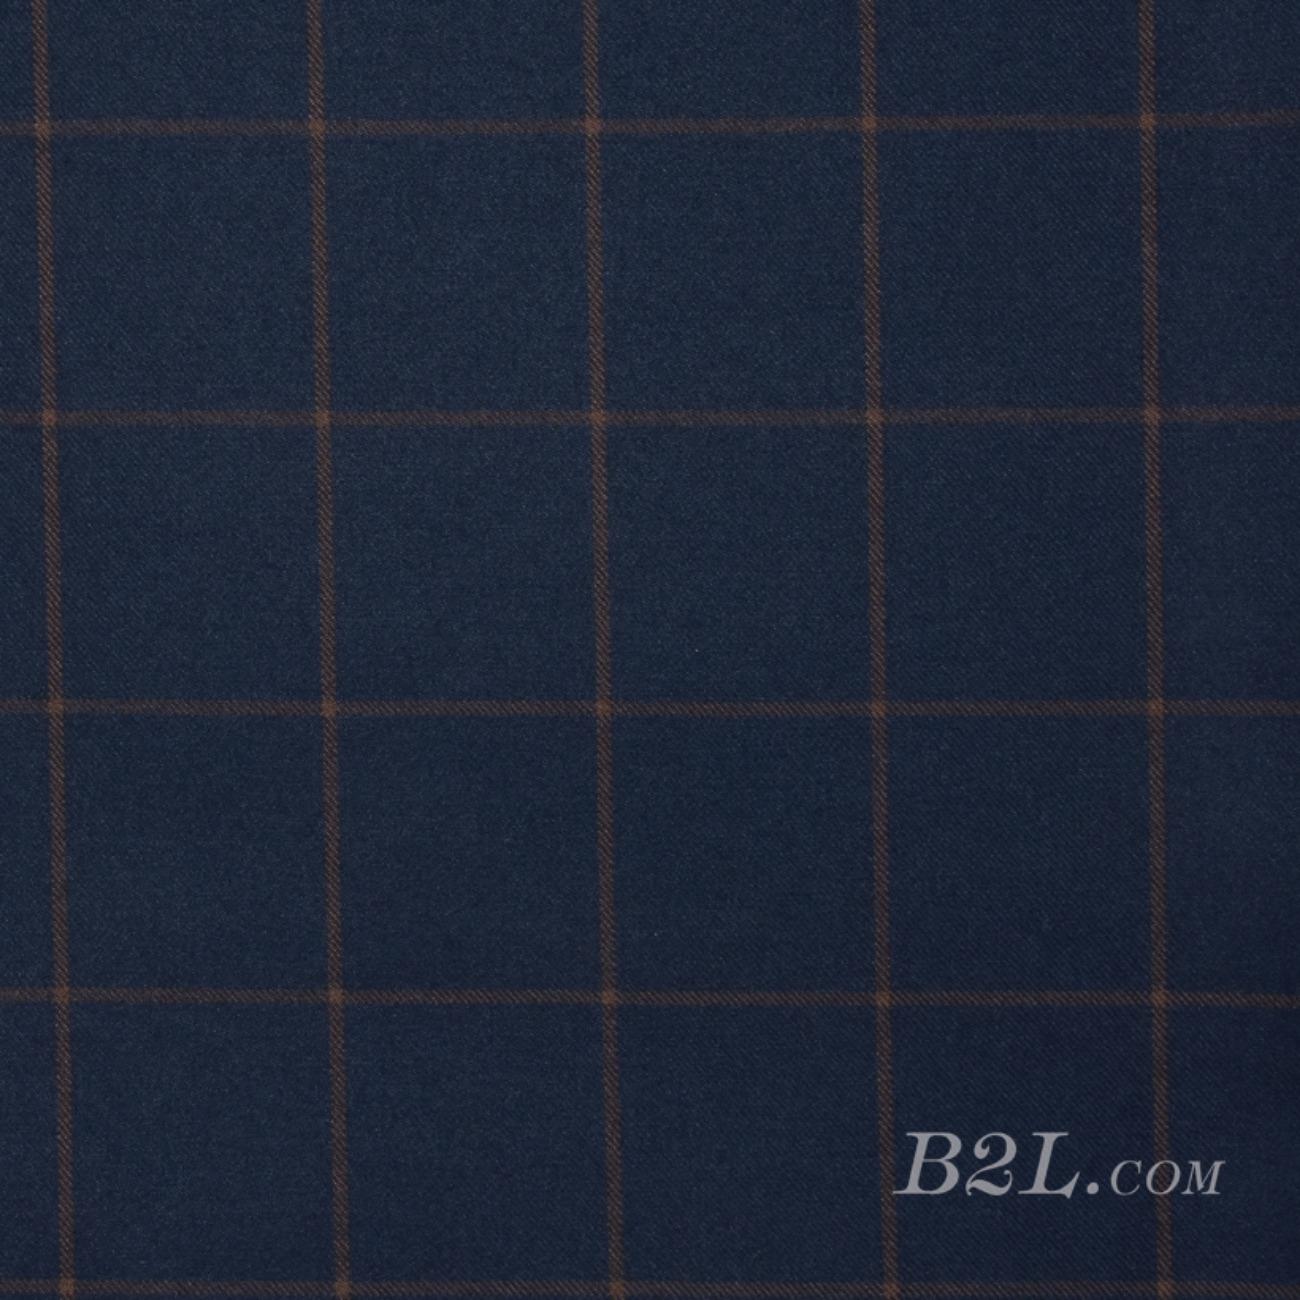 梭织染色毛纺格子面料-秋冬外套大衣面料90910-23